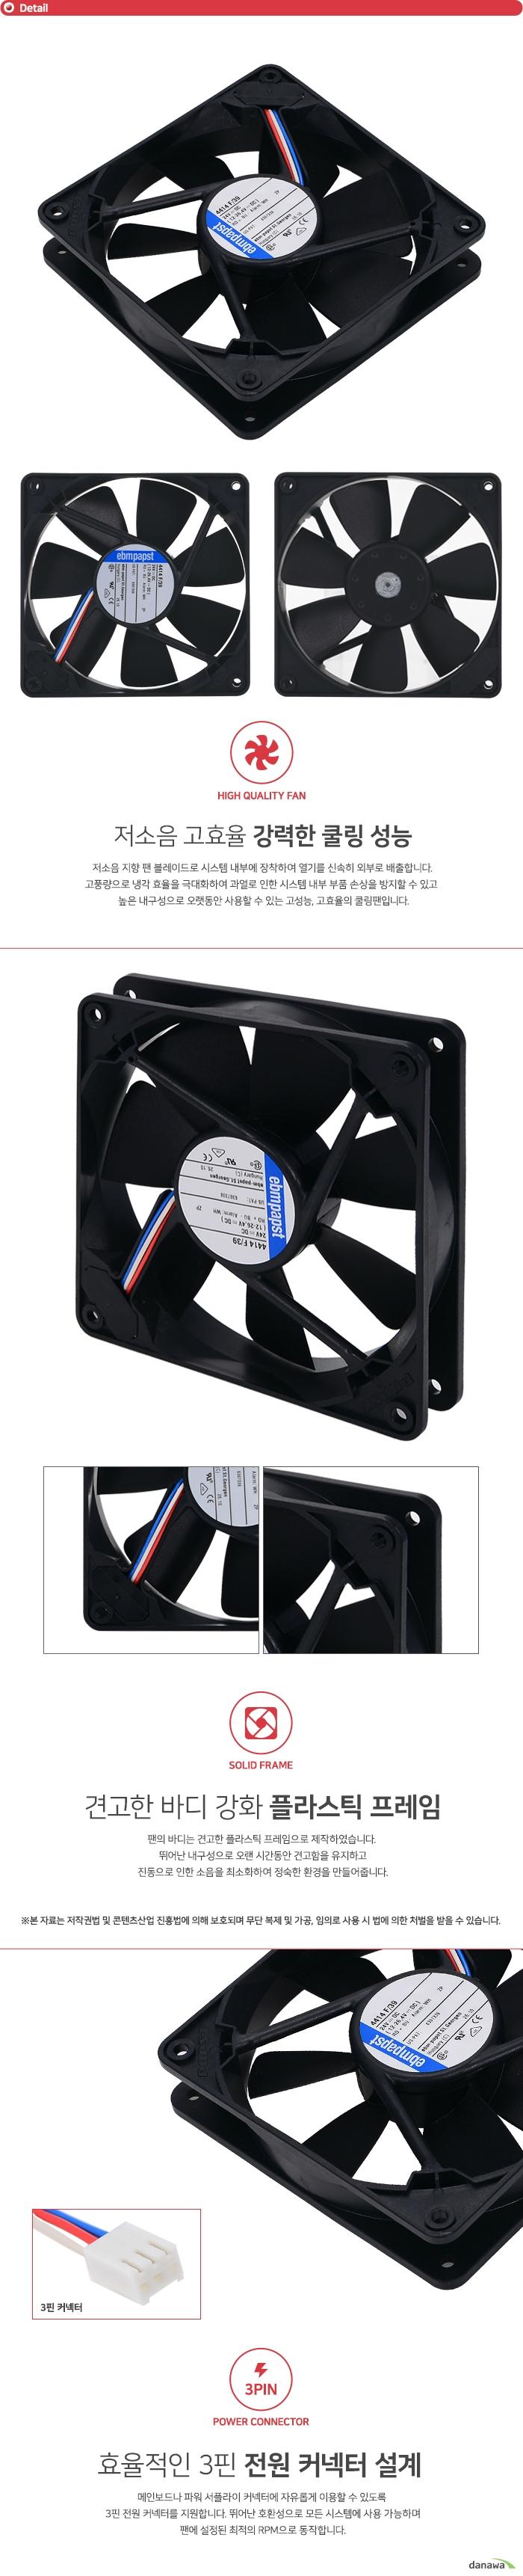 저소음 지향 팬 블레이드로 시스템 내부에 장착하여 열기를 신속히 외부로 배출합니다. 고풍량으로 냉각 효율을 극대화하여 과열로 인한 시스템 내부 부품 손상을 방지할 수 있고 높은 내구성으로 오랫동안 사용할 수 있는 고성능, 고효율의 쿨링팬입니다. 메인보드나 파워 서플라이 커넥터에 자유롭게 이용할 수 있도록 3핀 전원 커넥터를 지원합니다. 뛰어난 호환성으로 모든 시스템에 사용 가능하며 팬에 설정된 최적의 RPM으로 동작합니다.